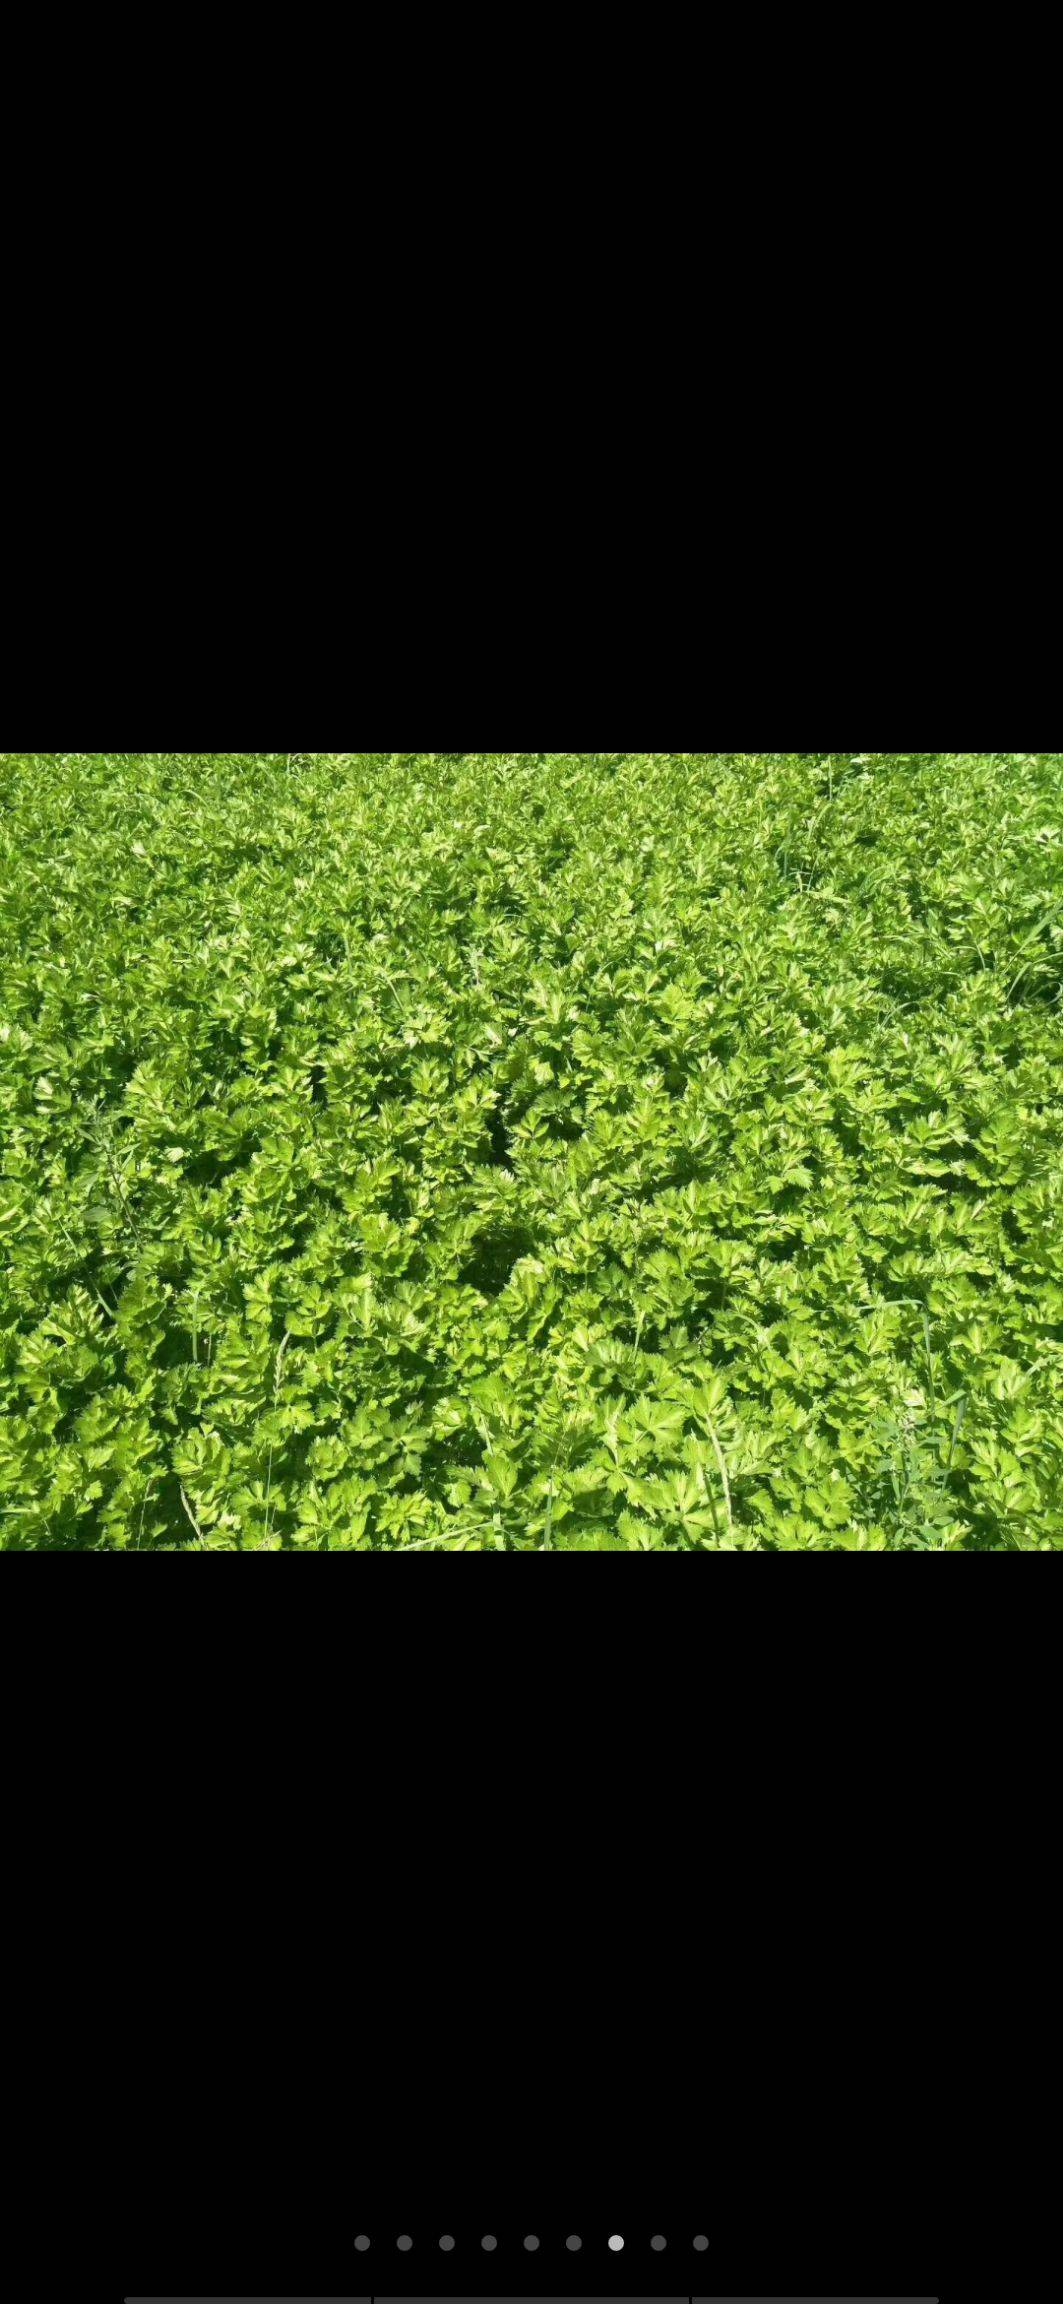 西芹 40~45cm 0.5斤以下 露天种植